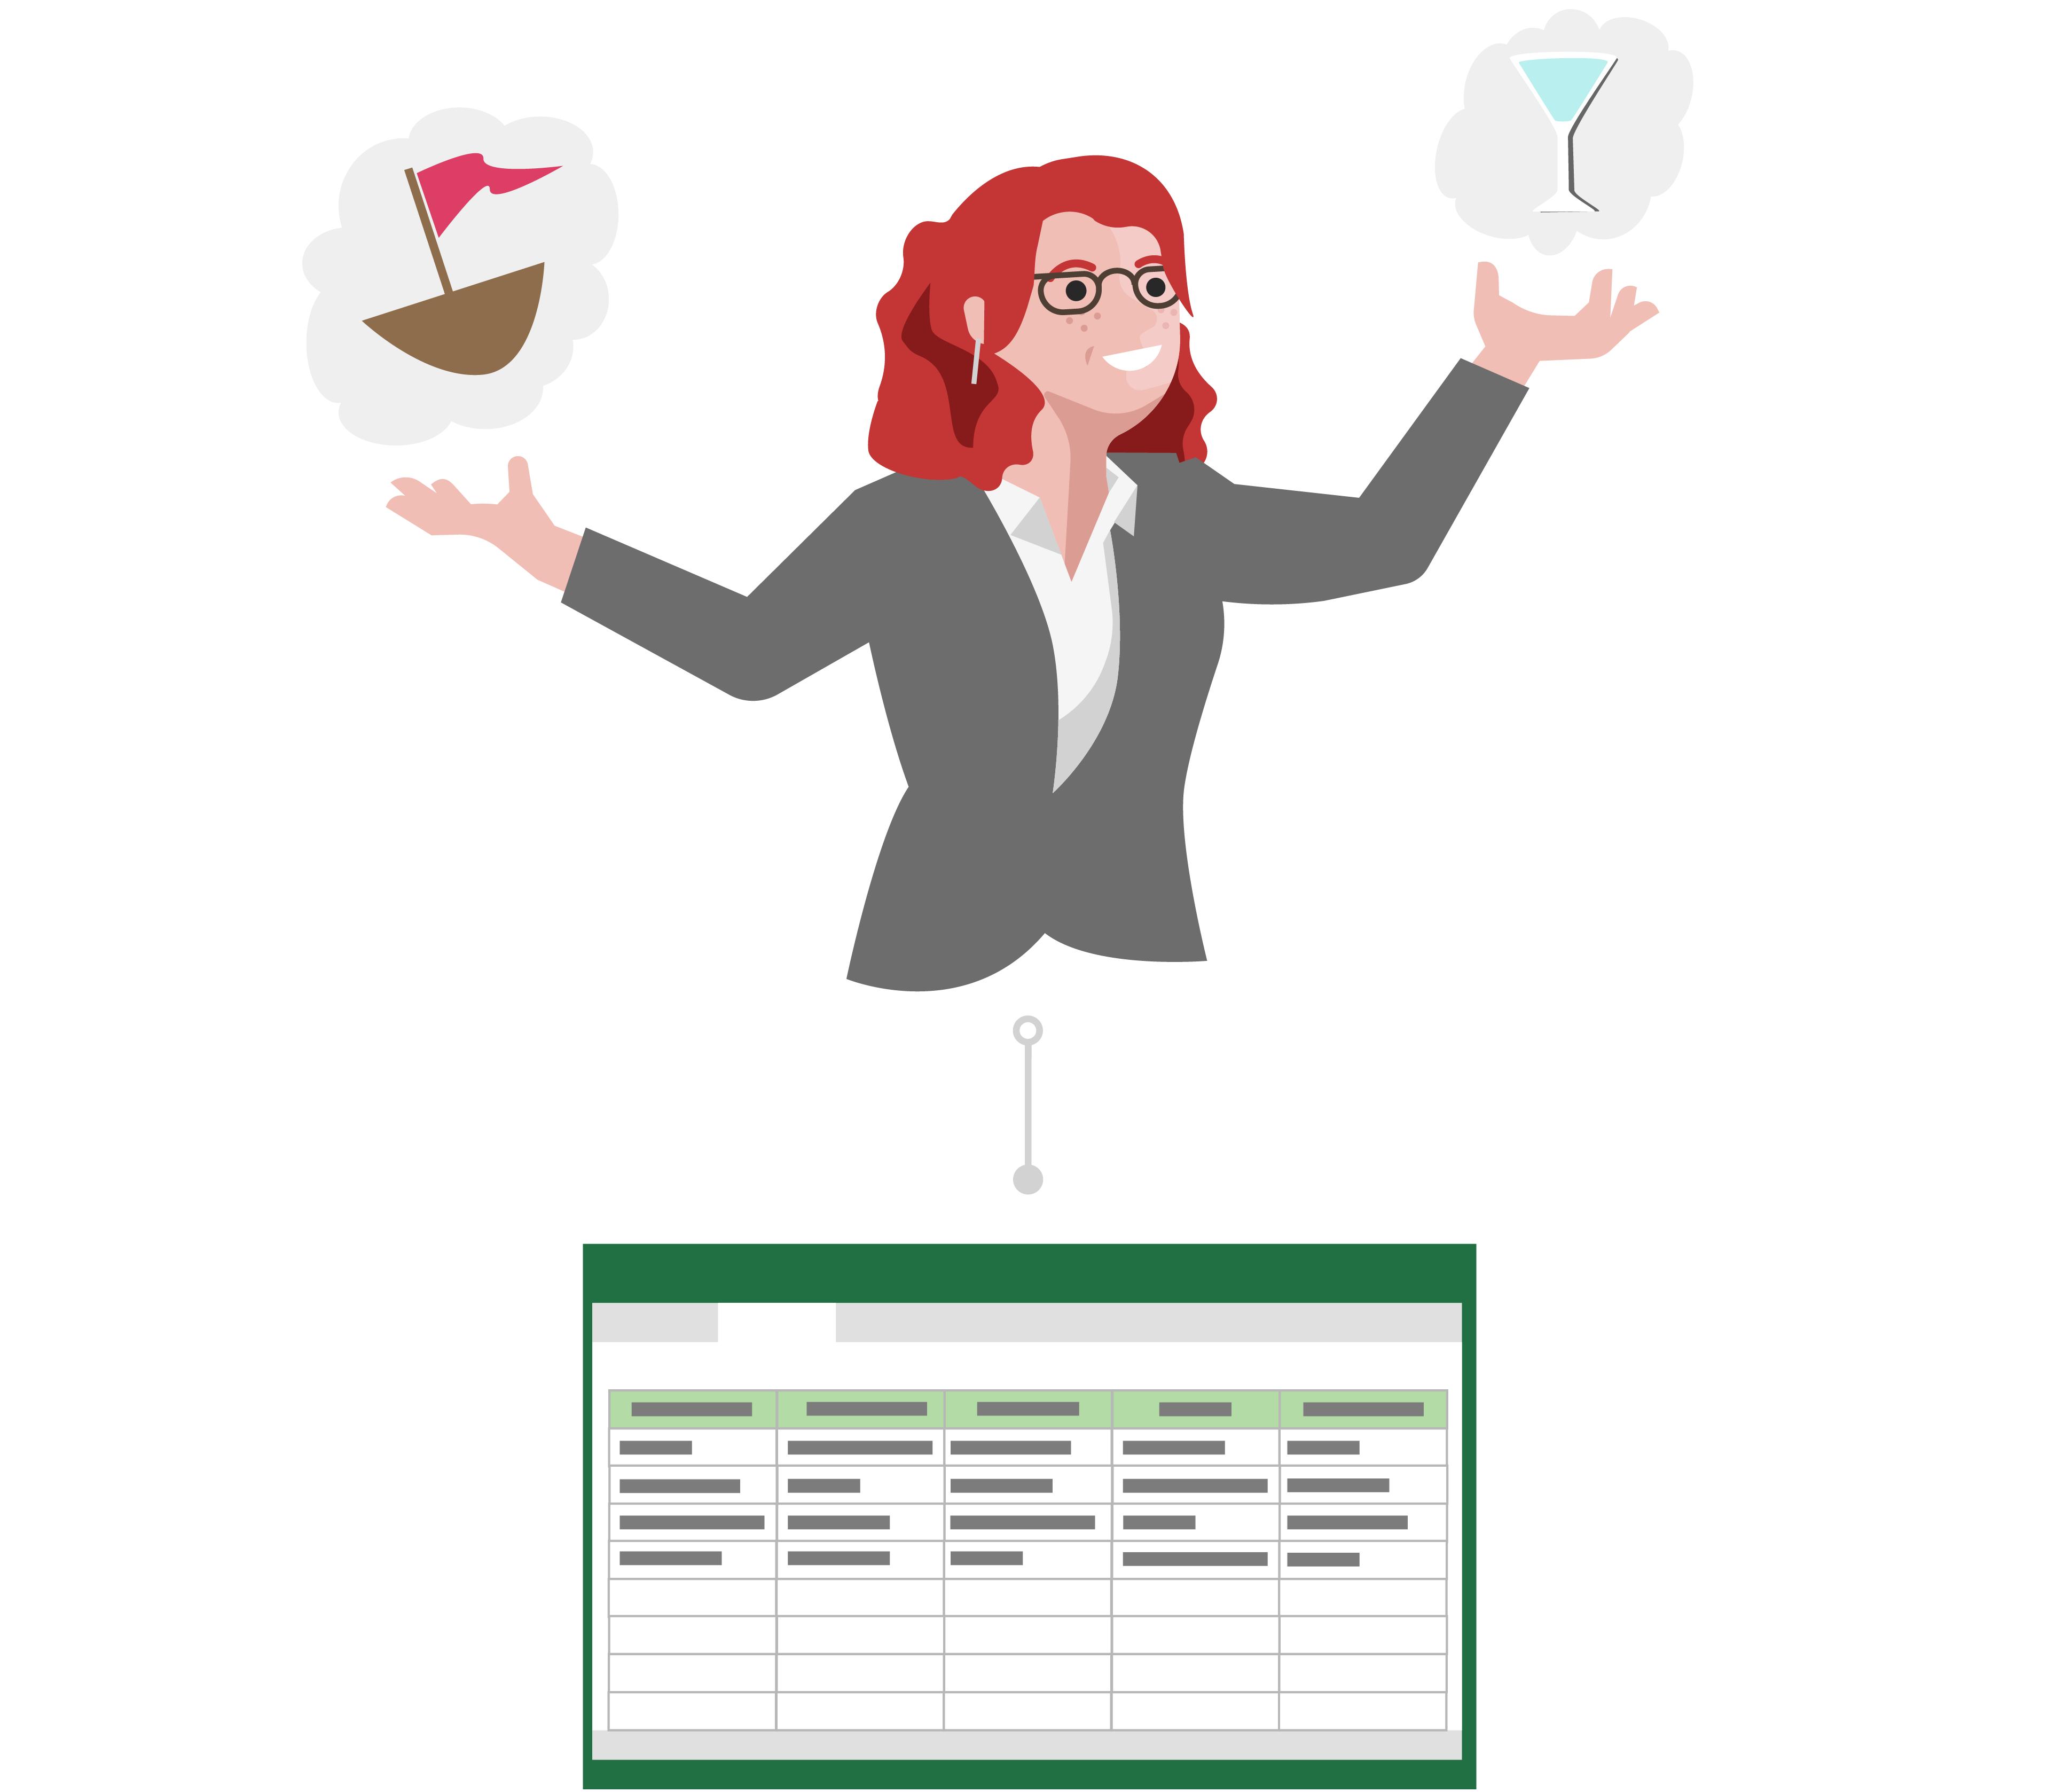 Linda treba povratne informacije o njezinim idejama, pa stvara proračunsku tablicu i sprema ga u oblak.